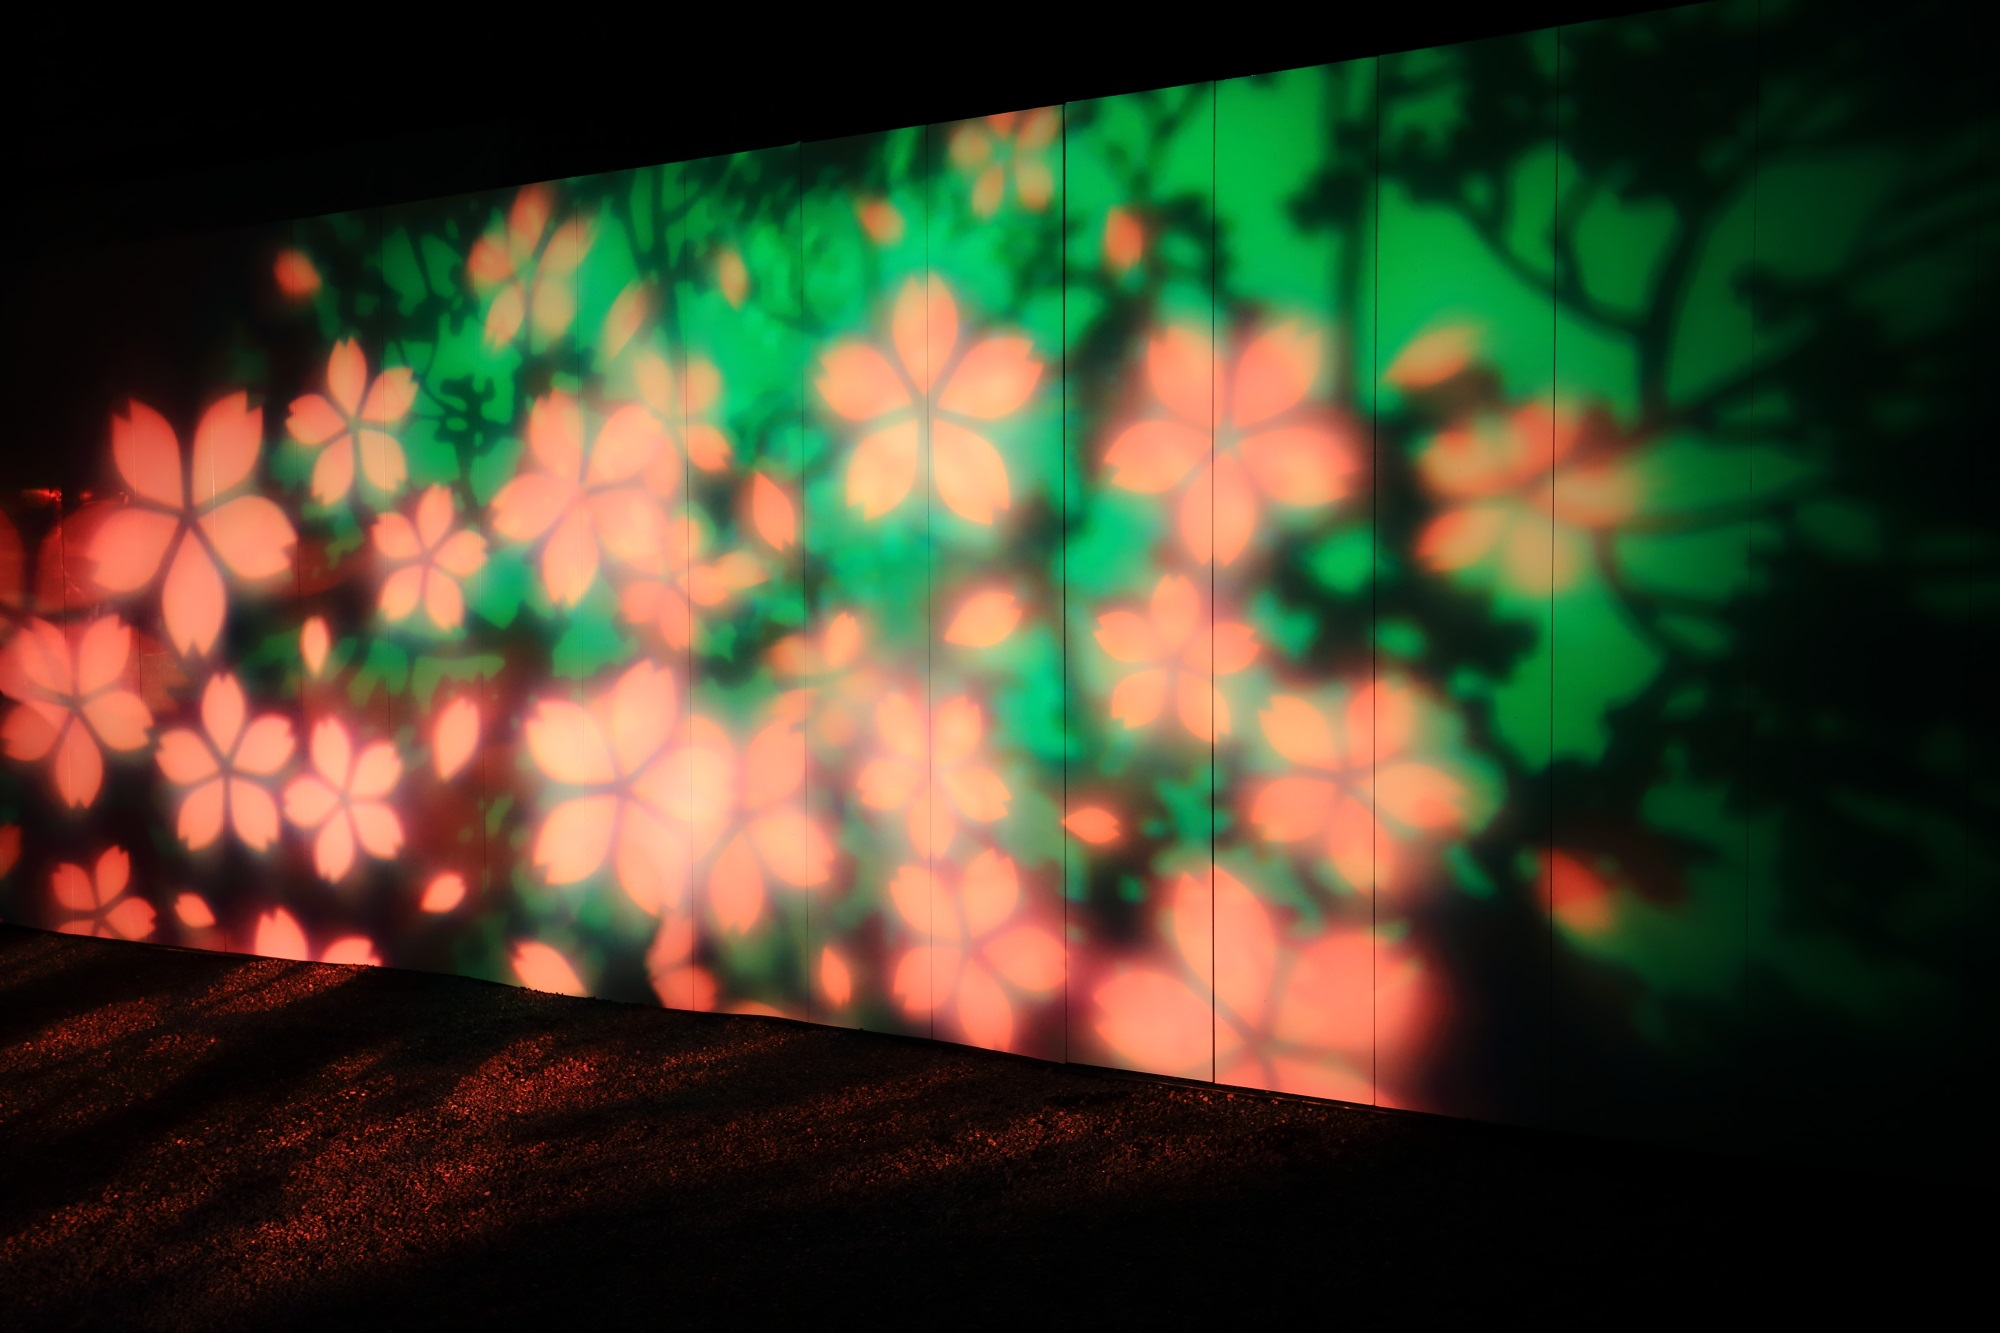 二条城の入口付近での光の演出